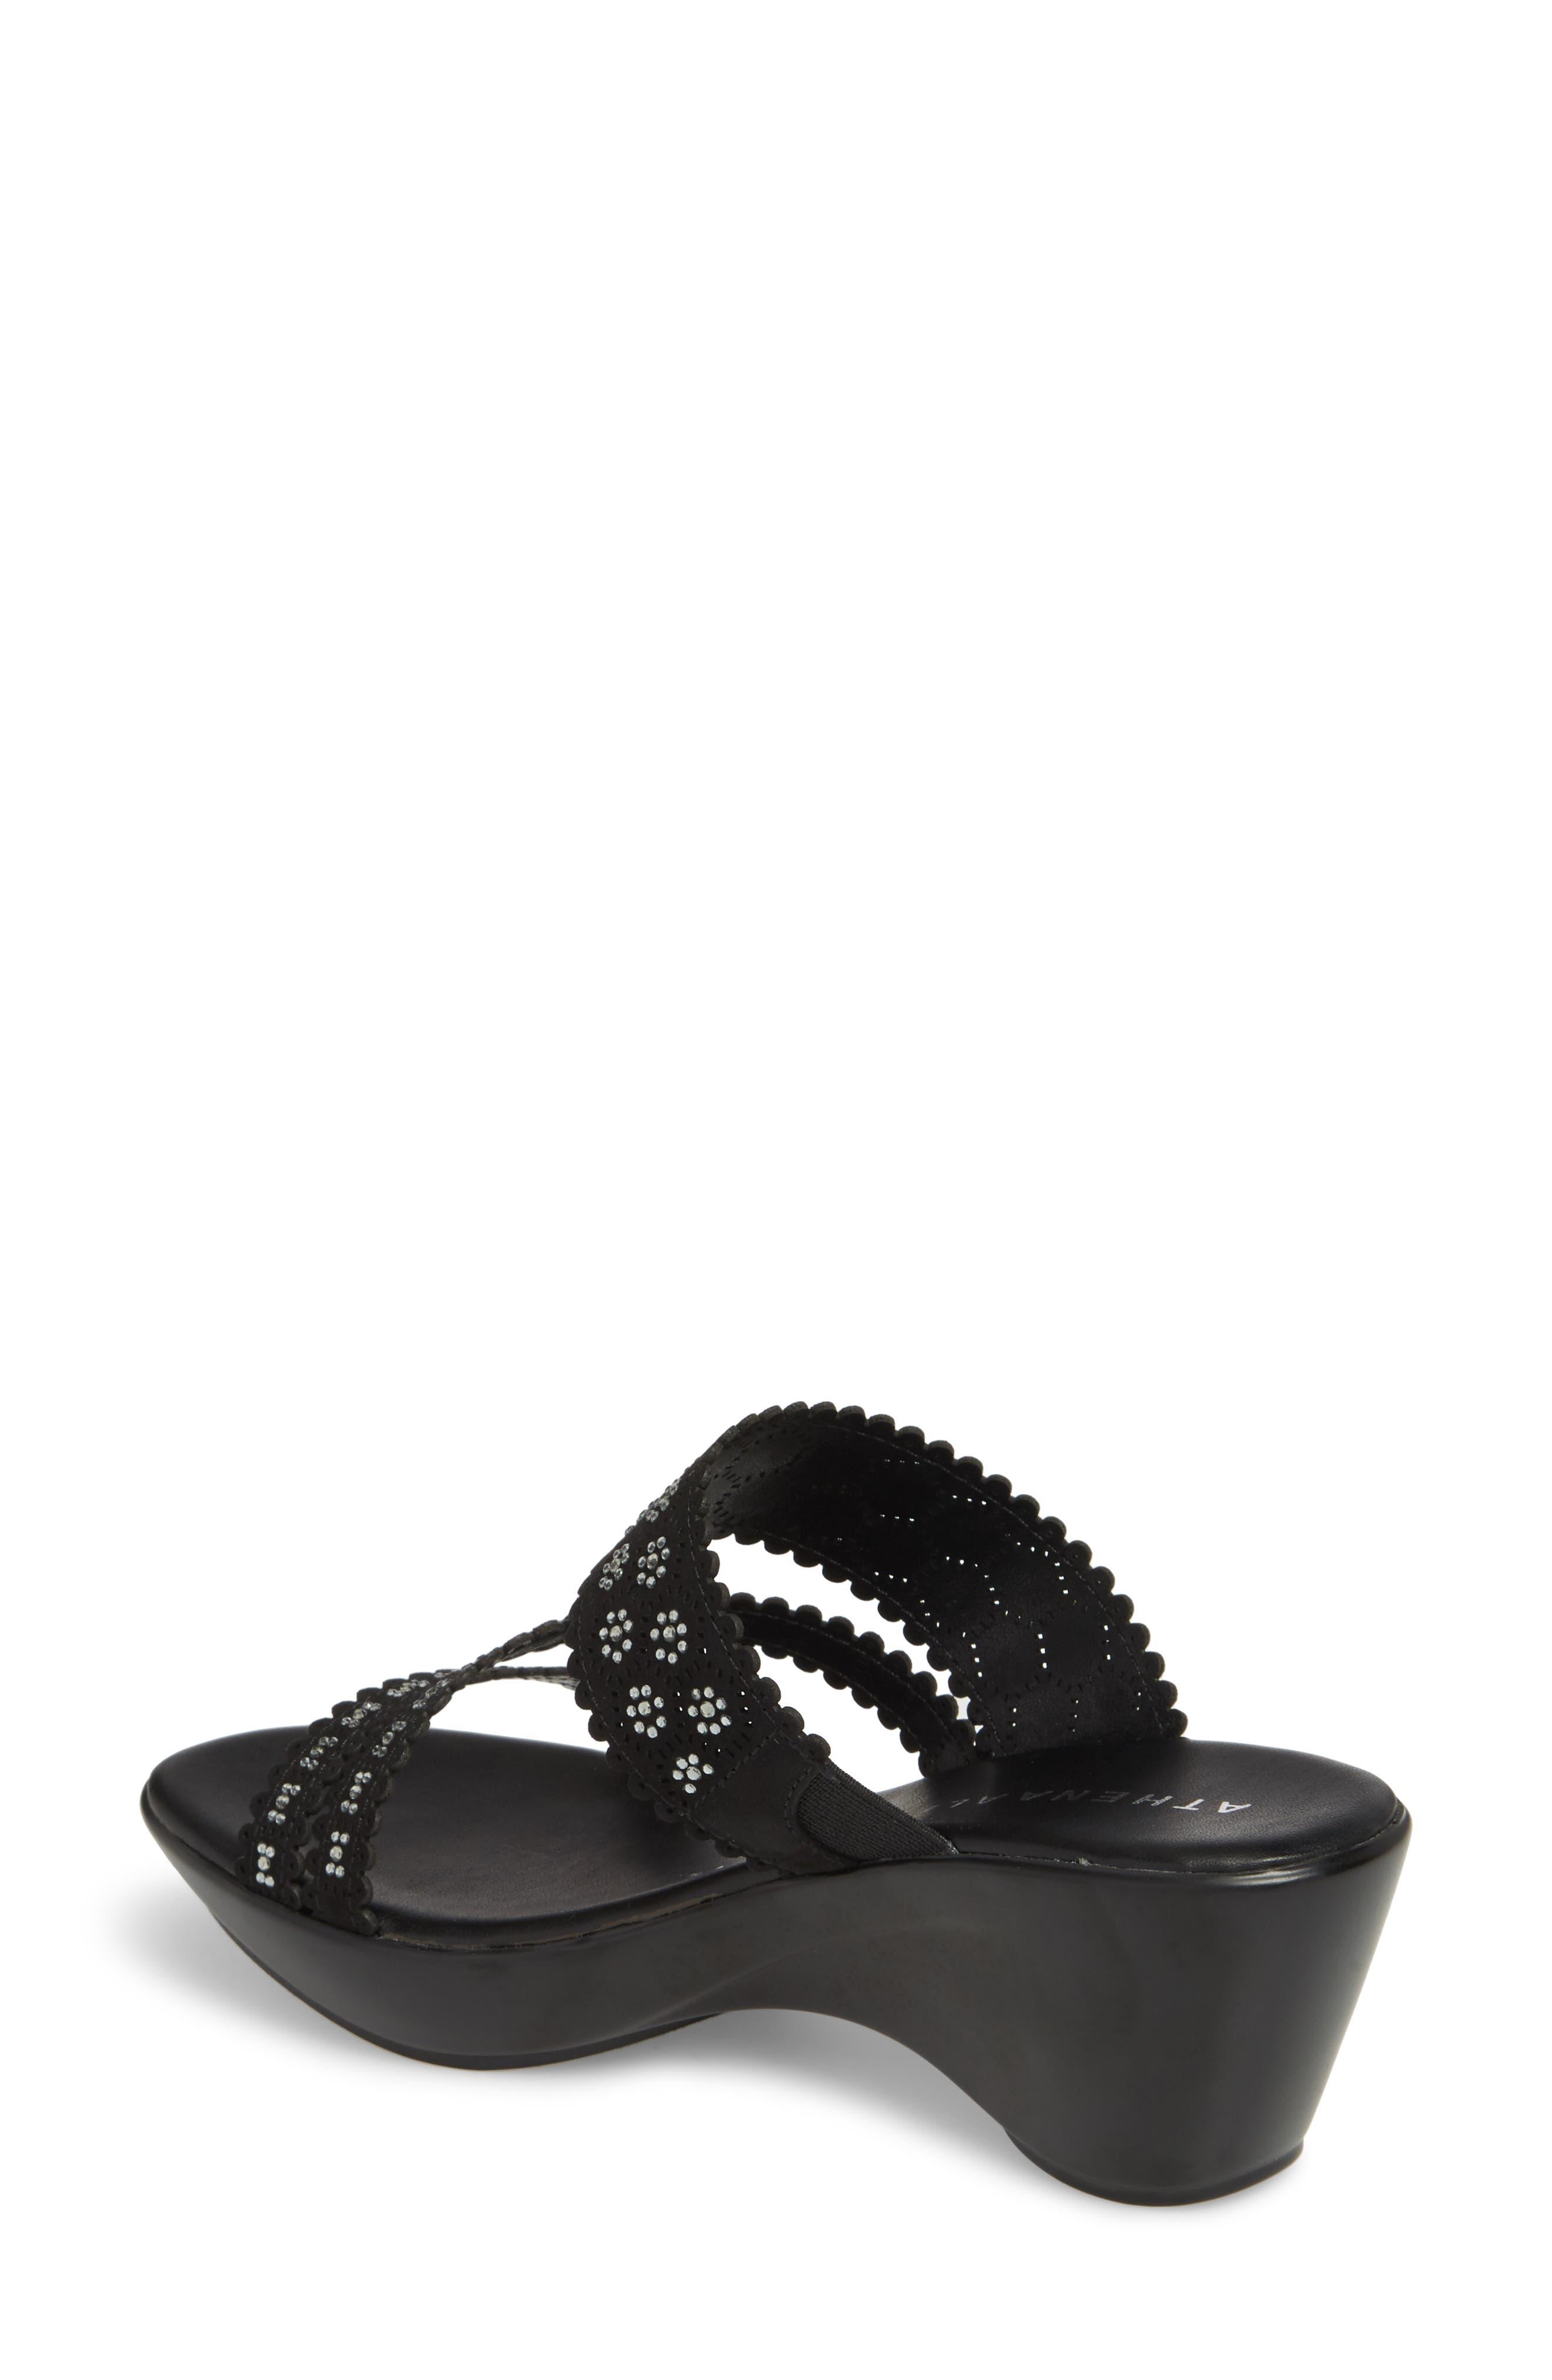 Poppy Wedge Sandal,                             Alternate thumbnail 2, color,                             Black Fabric